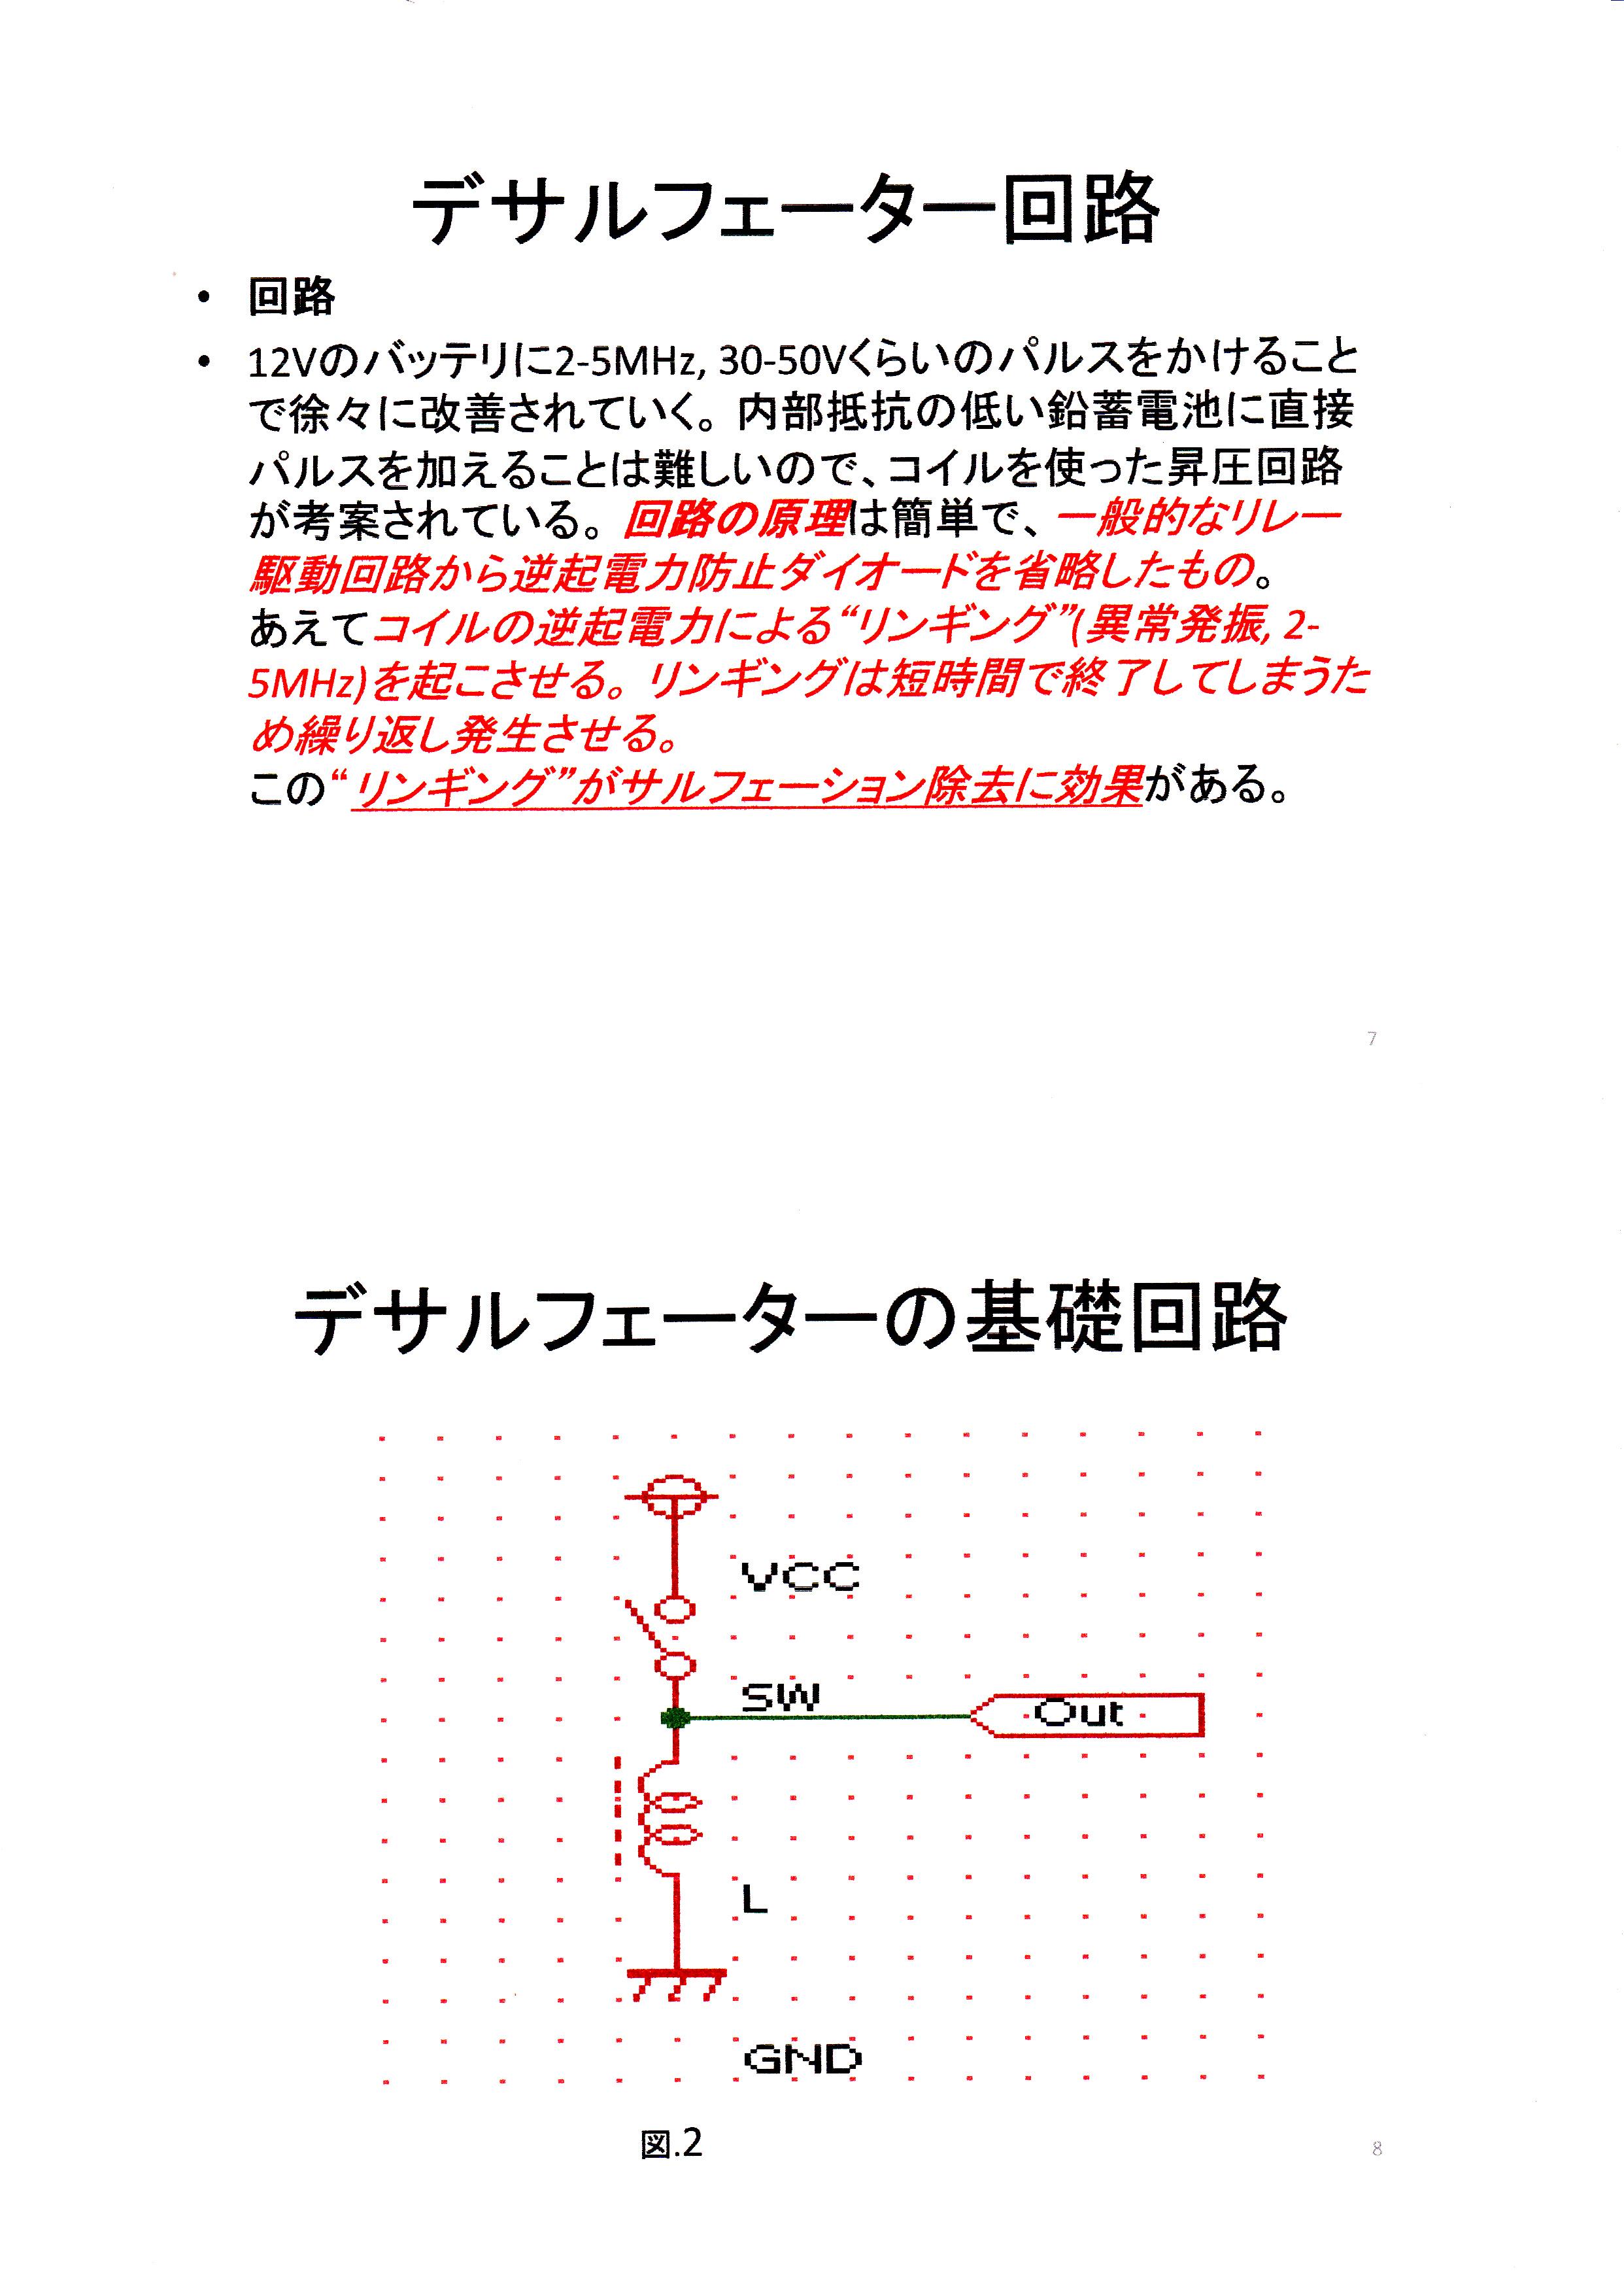 静止型発電機の基礎研究01-4